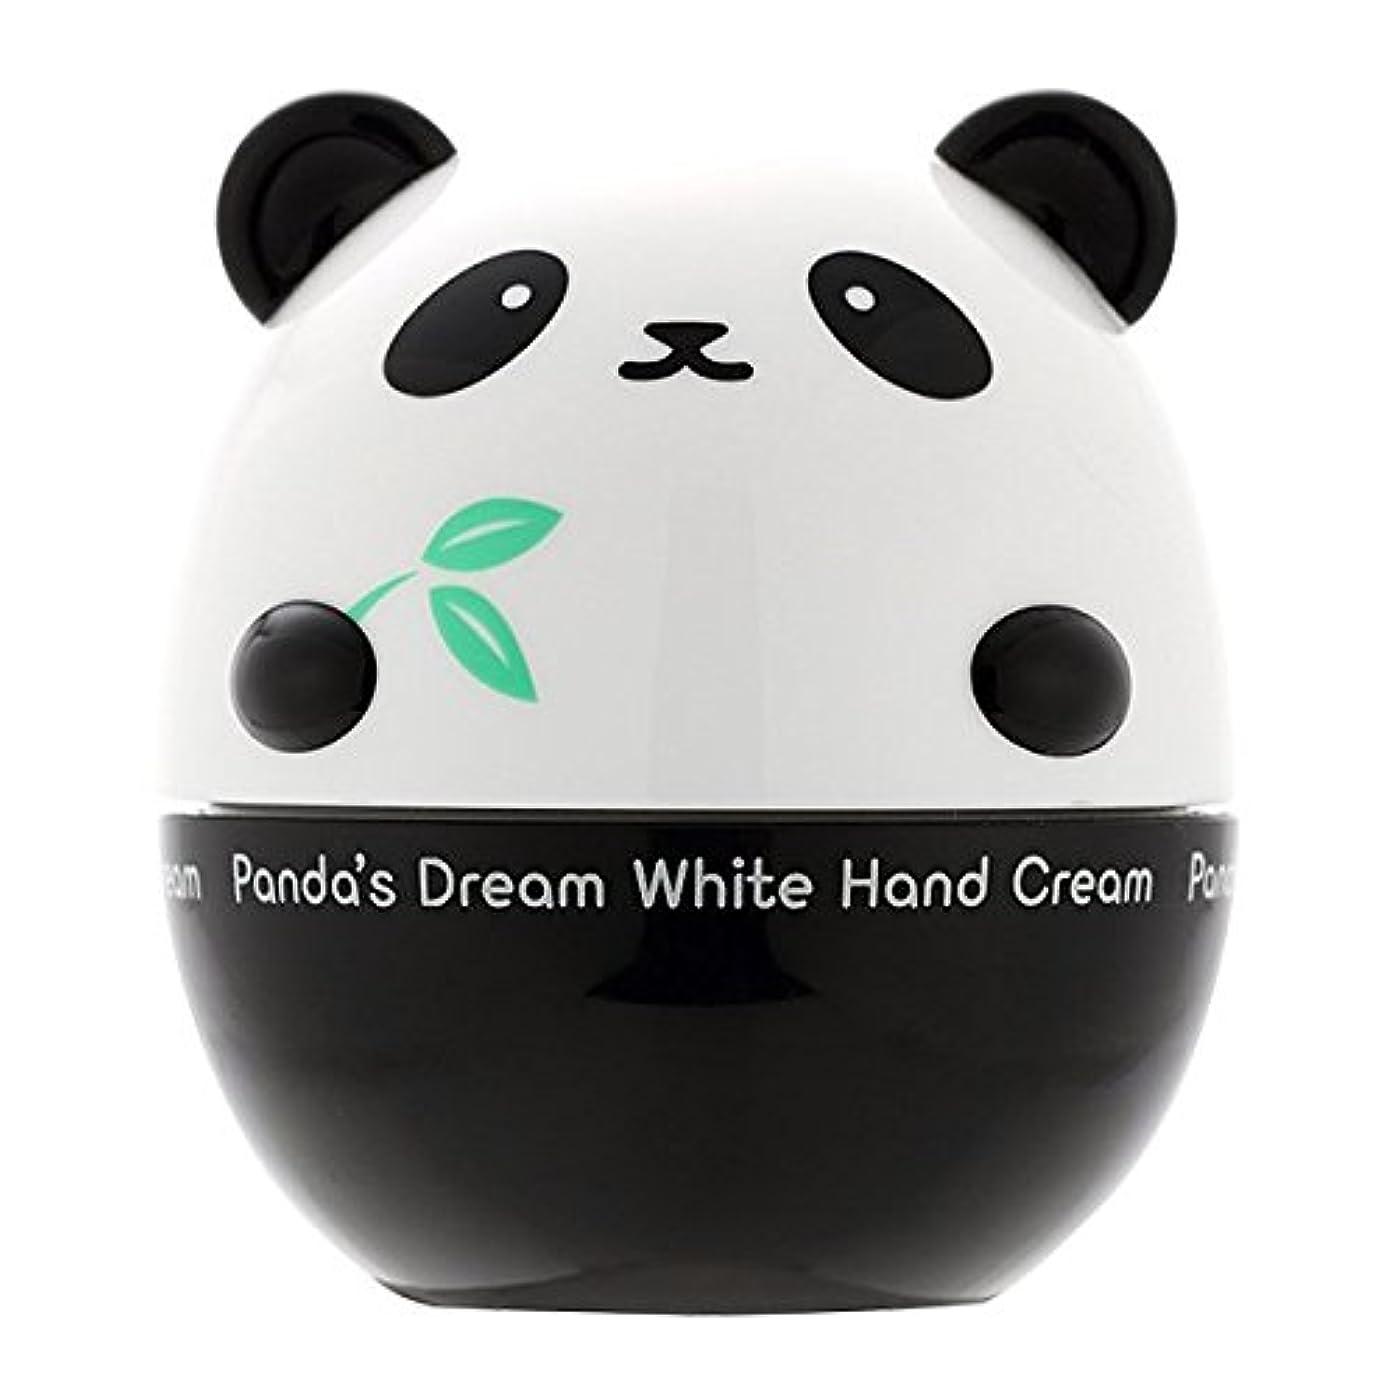 表向き全く対応するTONYMOLY パンダのゆめ ホワイトマジッククリーム 50g Panda's Dream White Magic Cream 照明クリームトニーモリー下地の代わりに美肌クリーム美肌成分含有 【韓国コスメ】トニーモリー